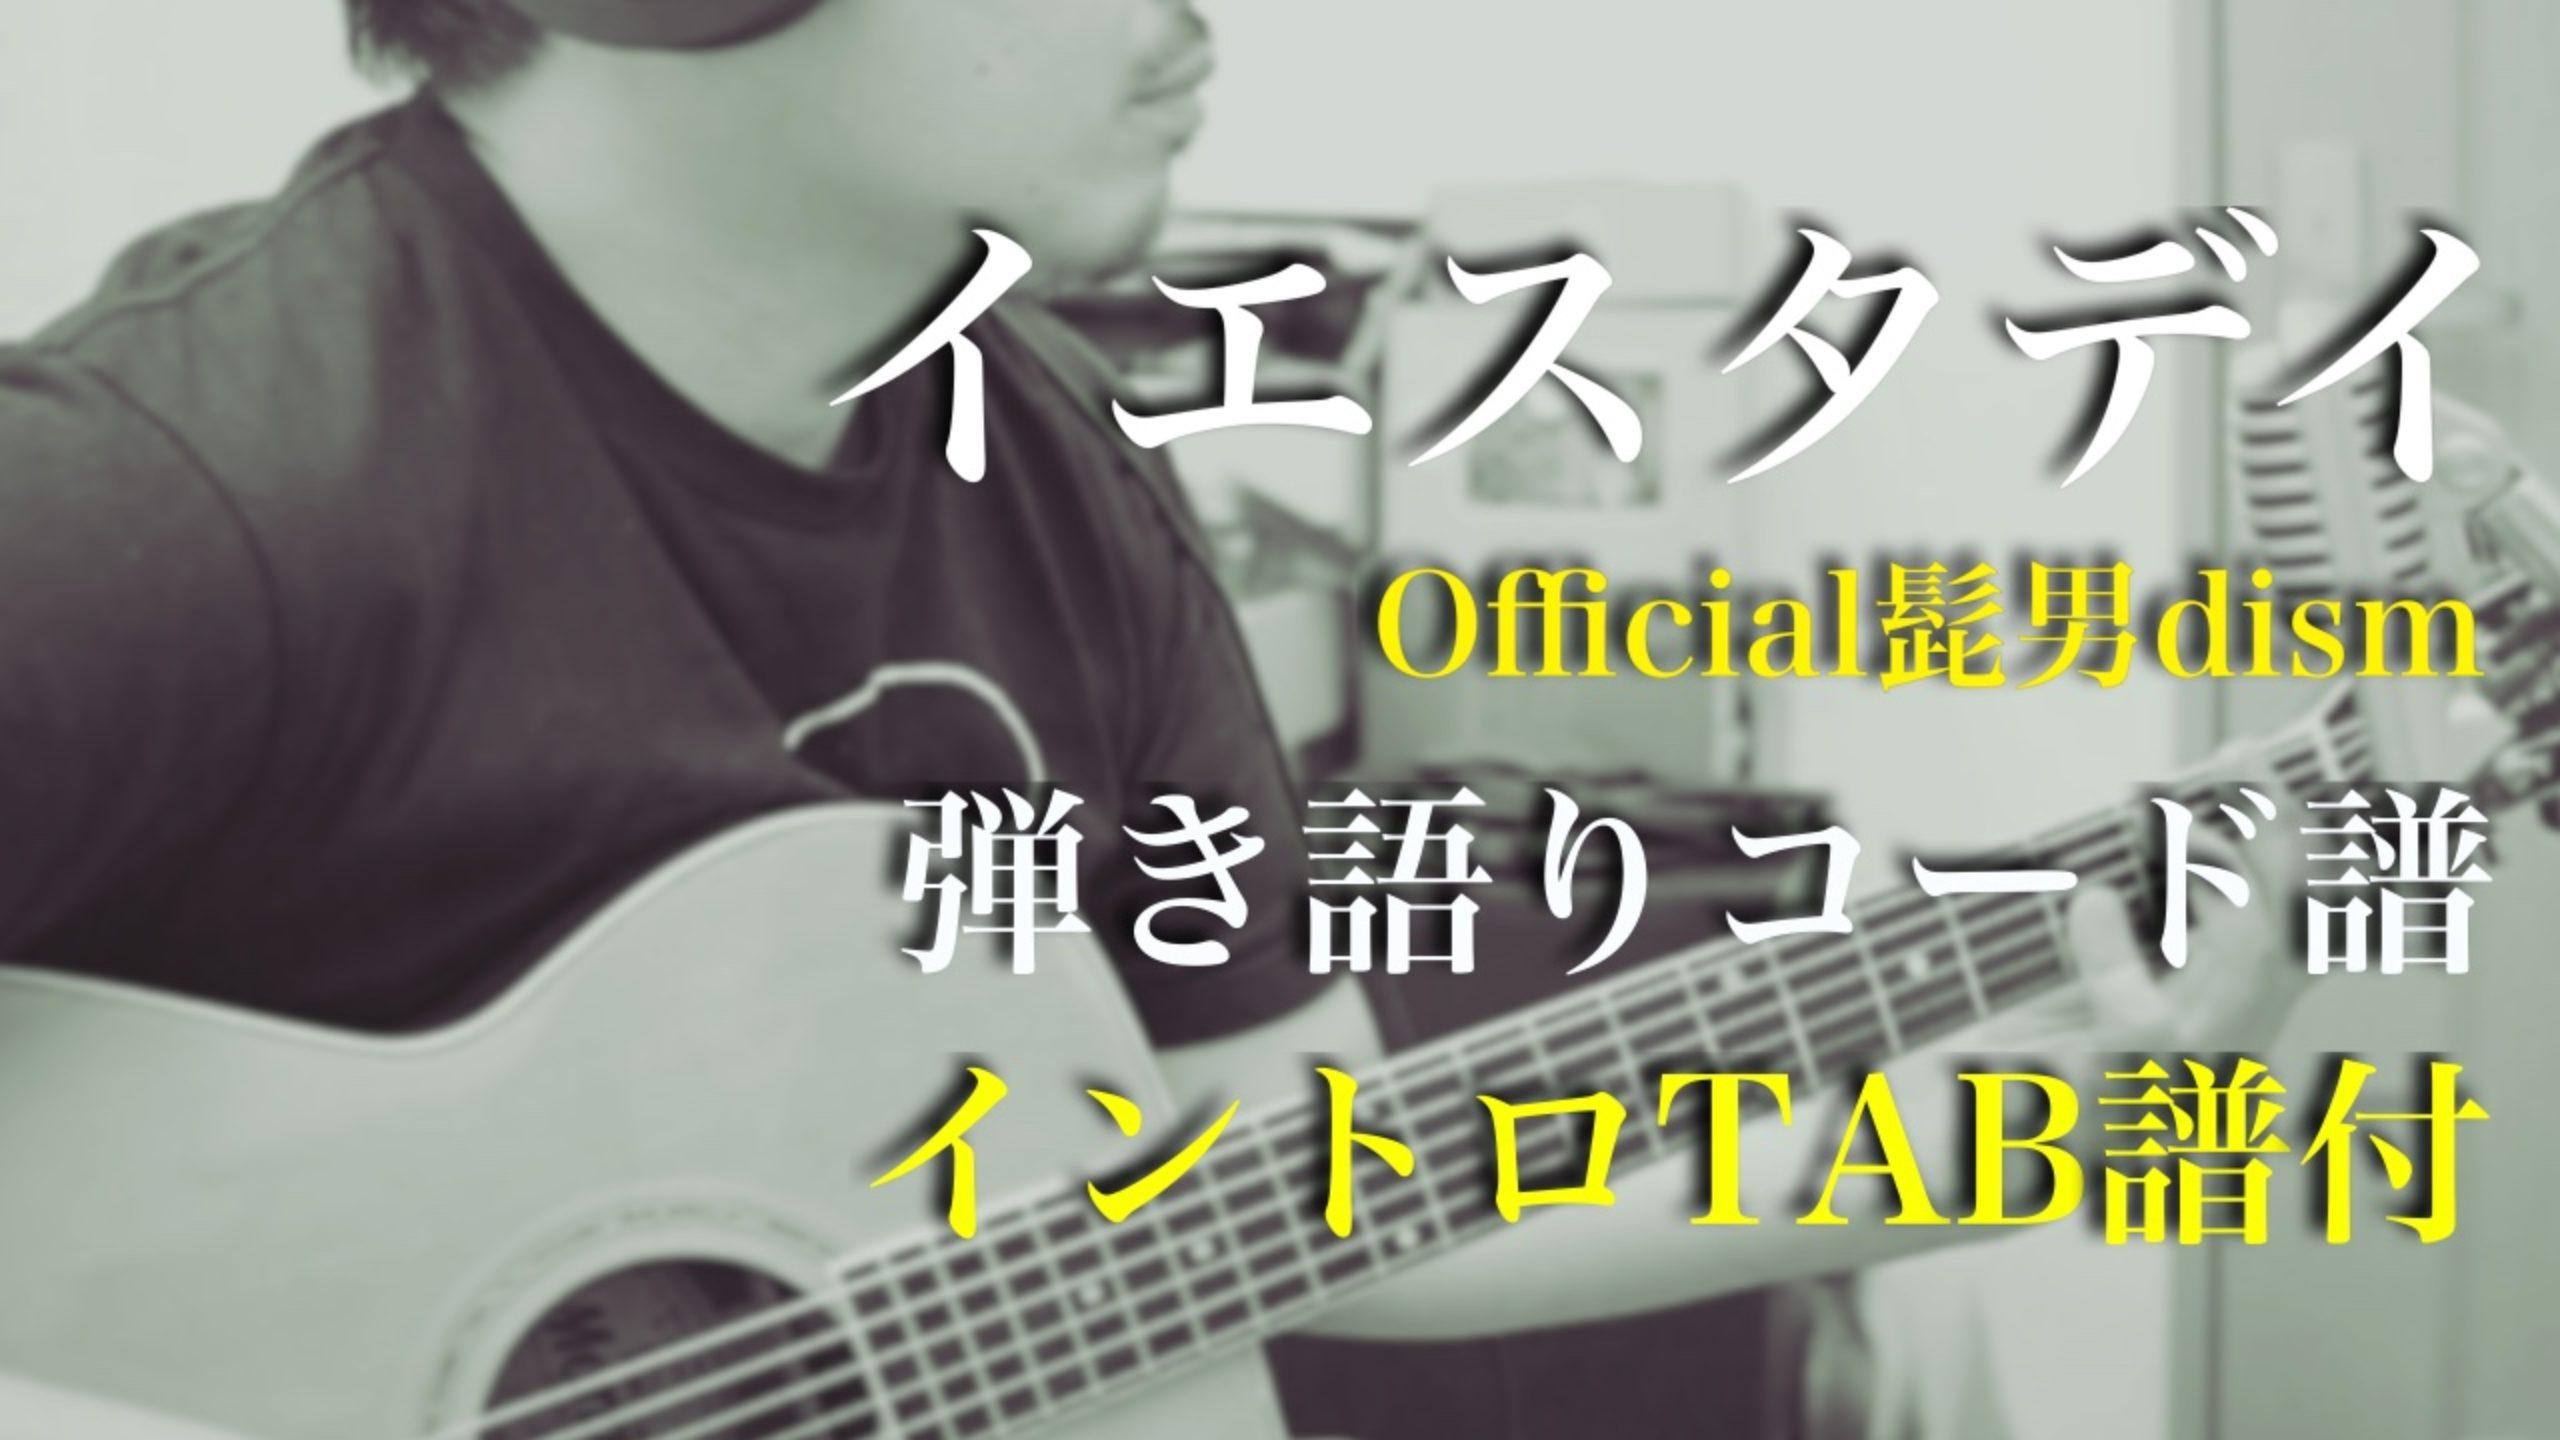 『イエスタデイ / Official髭男dism』弾き語りコード譜&イントロTAB譜付